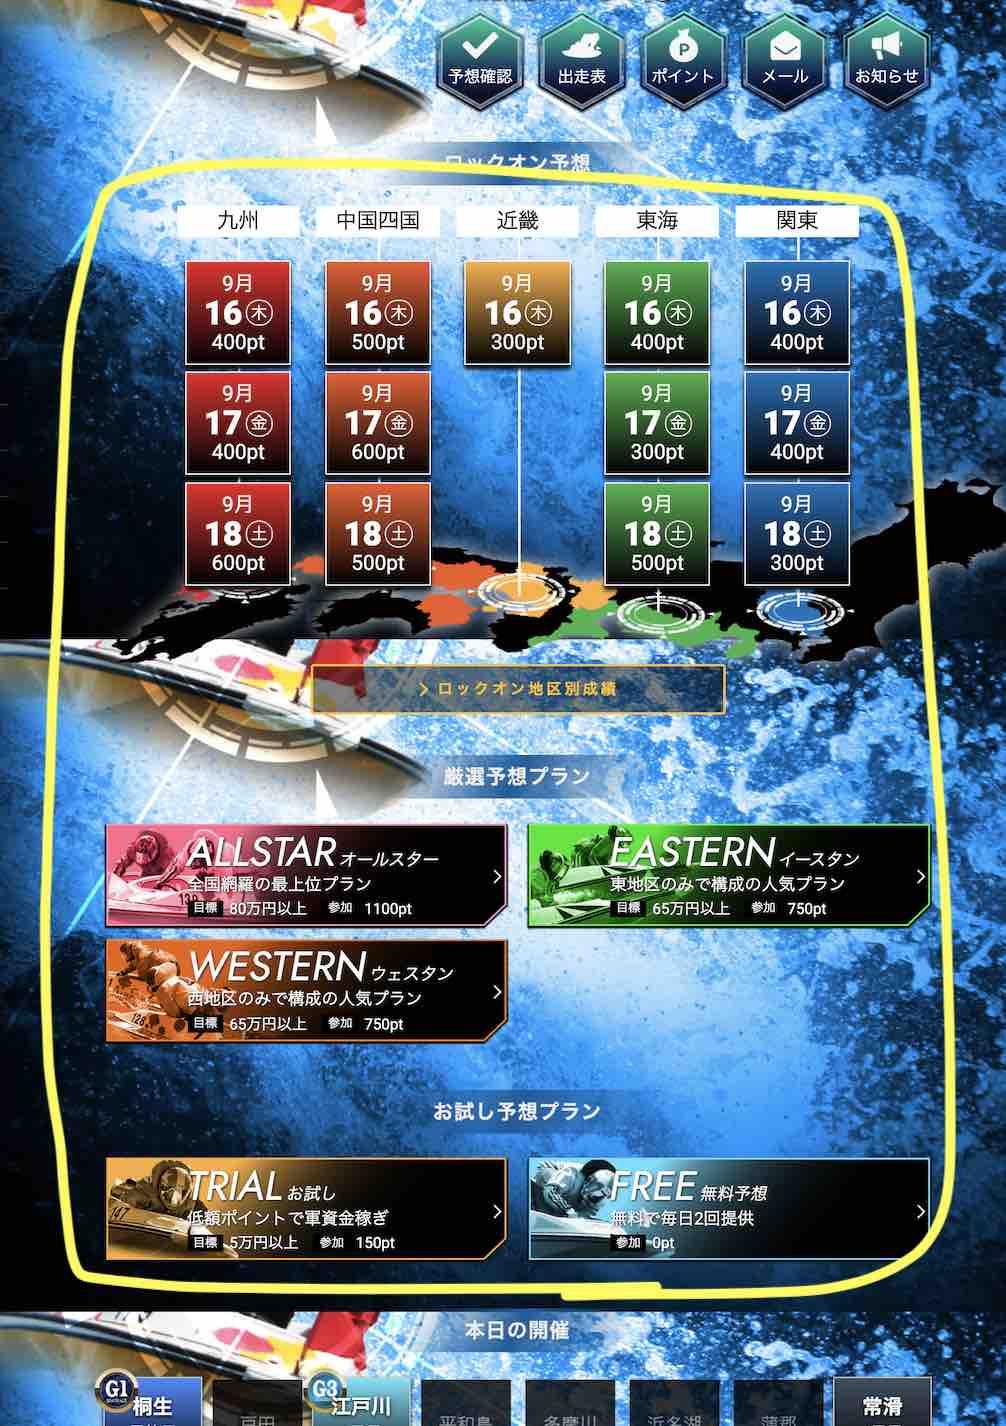 競艇ロックオンという競艇予想サイト(ボートレース予想サイト)が提供する競艇予想